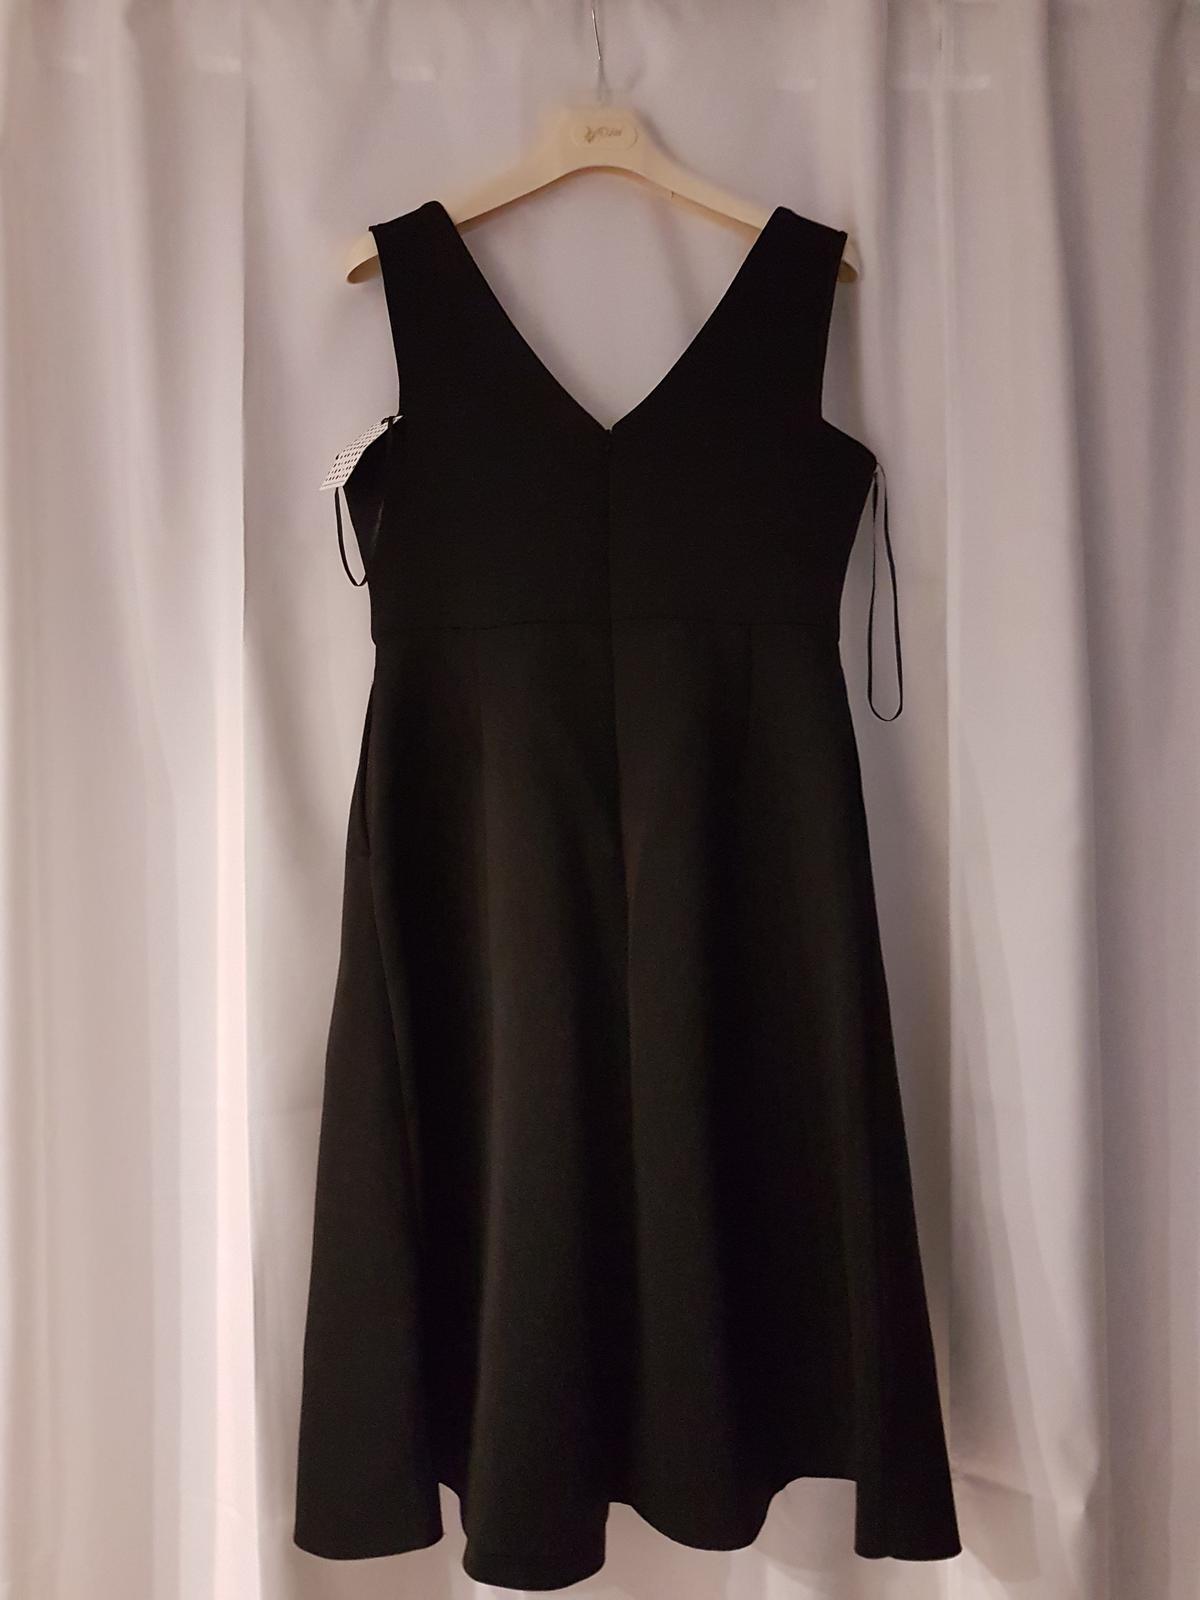 Čierne šaty s vreckami - Obrázok č. 2